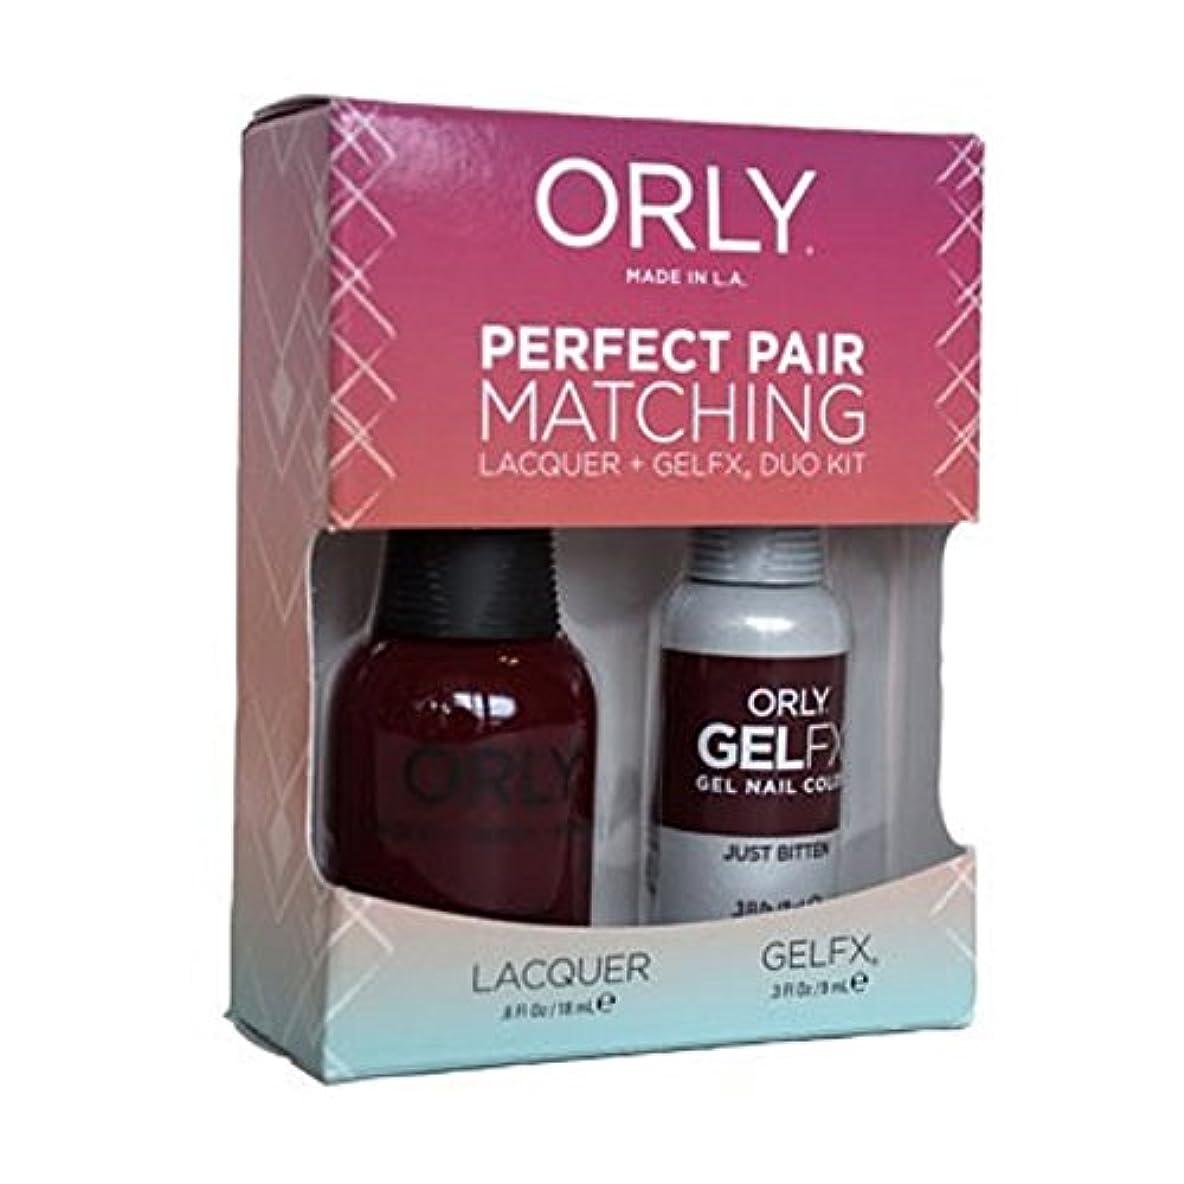 技術的な作る特権的Orly - Perfect Pair Matching Lacquer+Gel FX Kit - Just Bitten - 0.6 oz / 0.3 oz